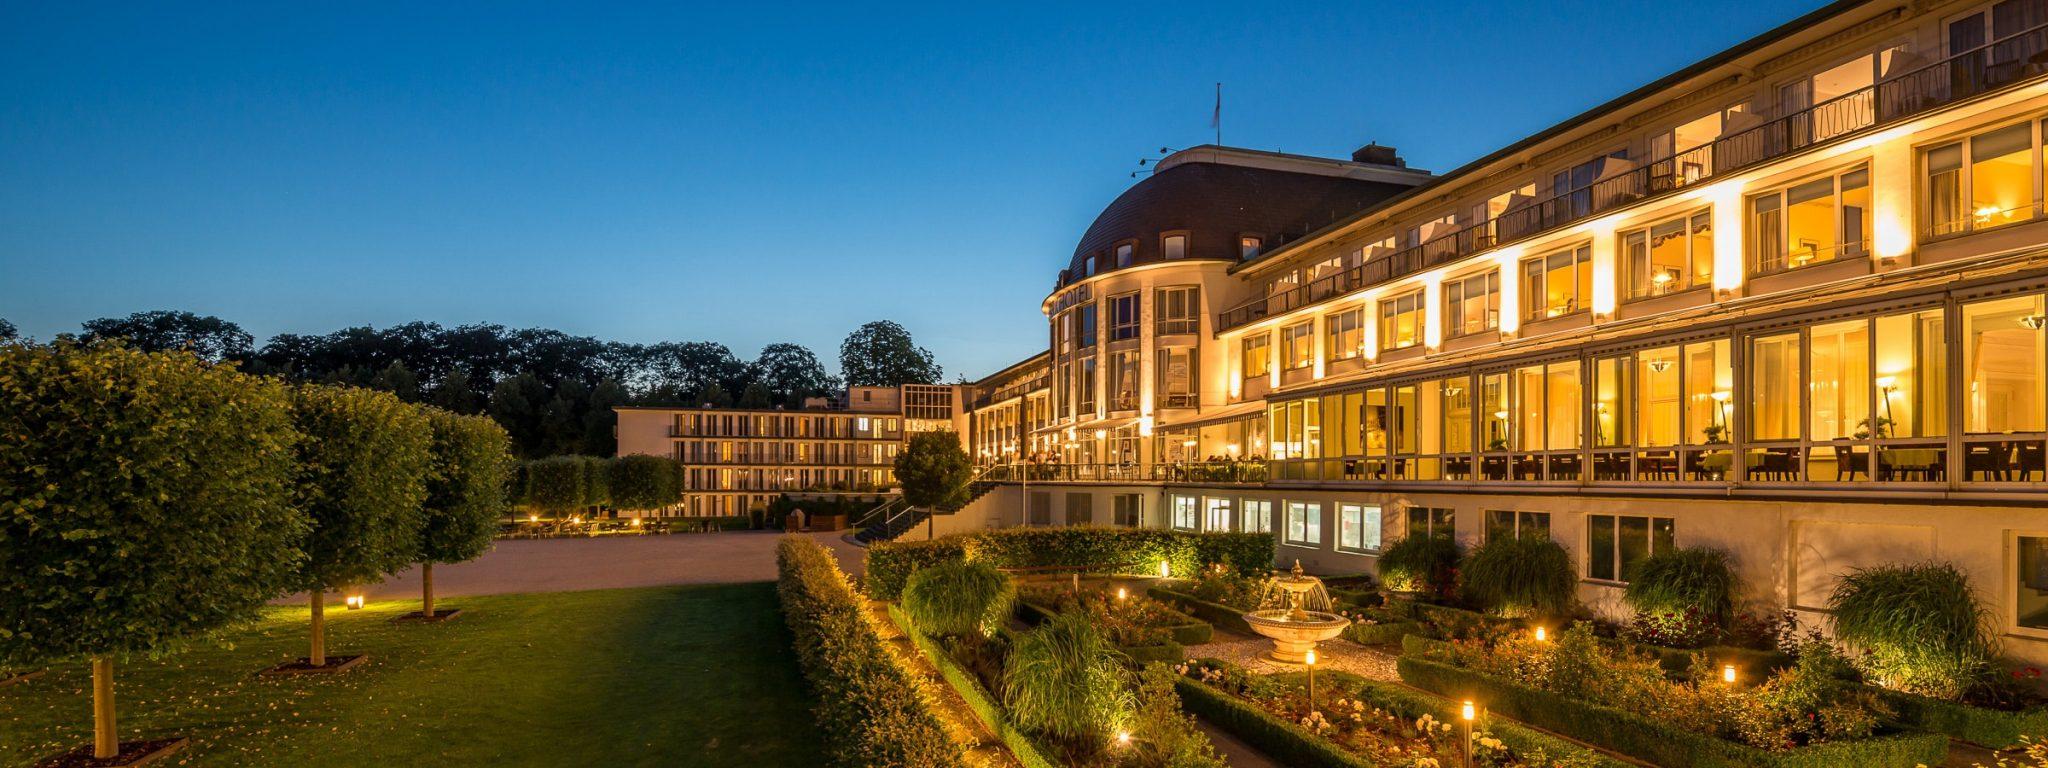 Hotels Germany Love In Bremen